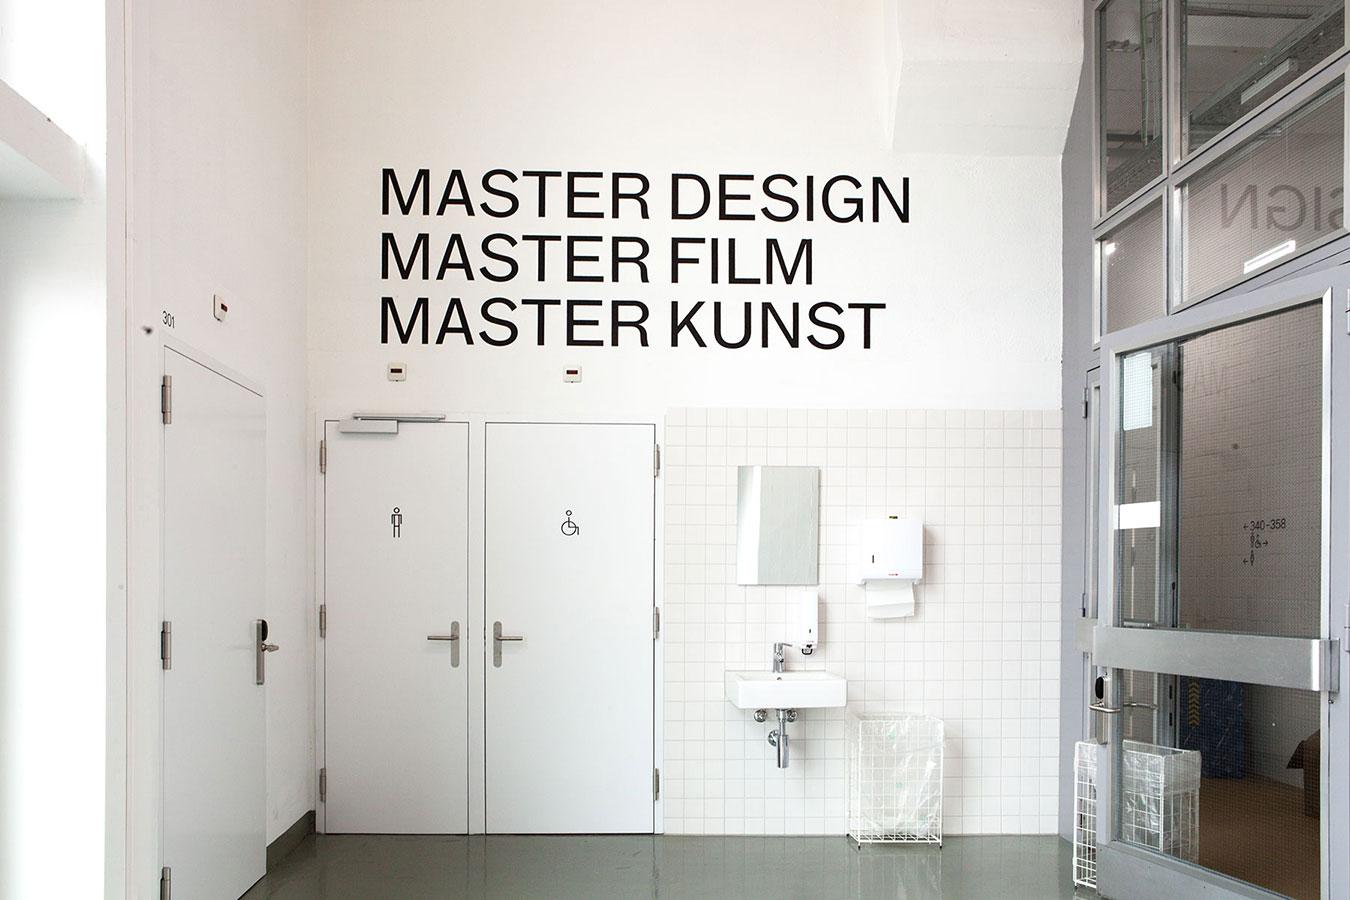 Viscosistadt Hochschule Luzern Design und Kunst Signaletik 745 Innen